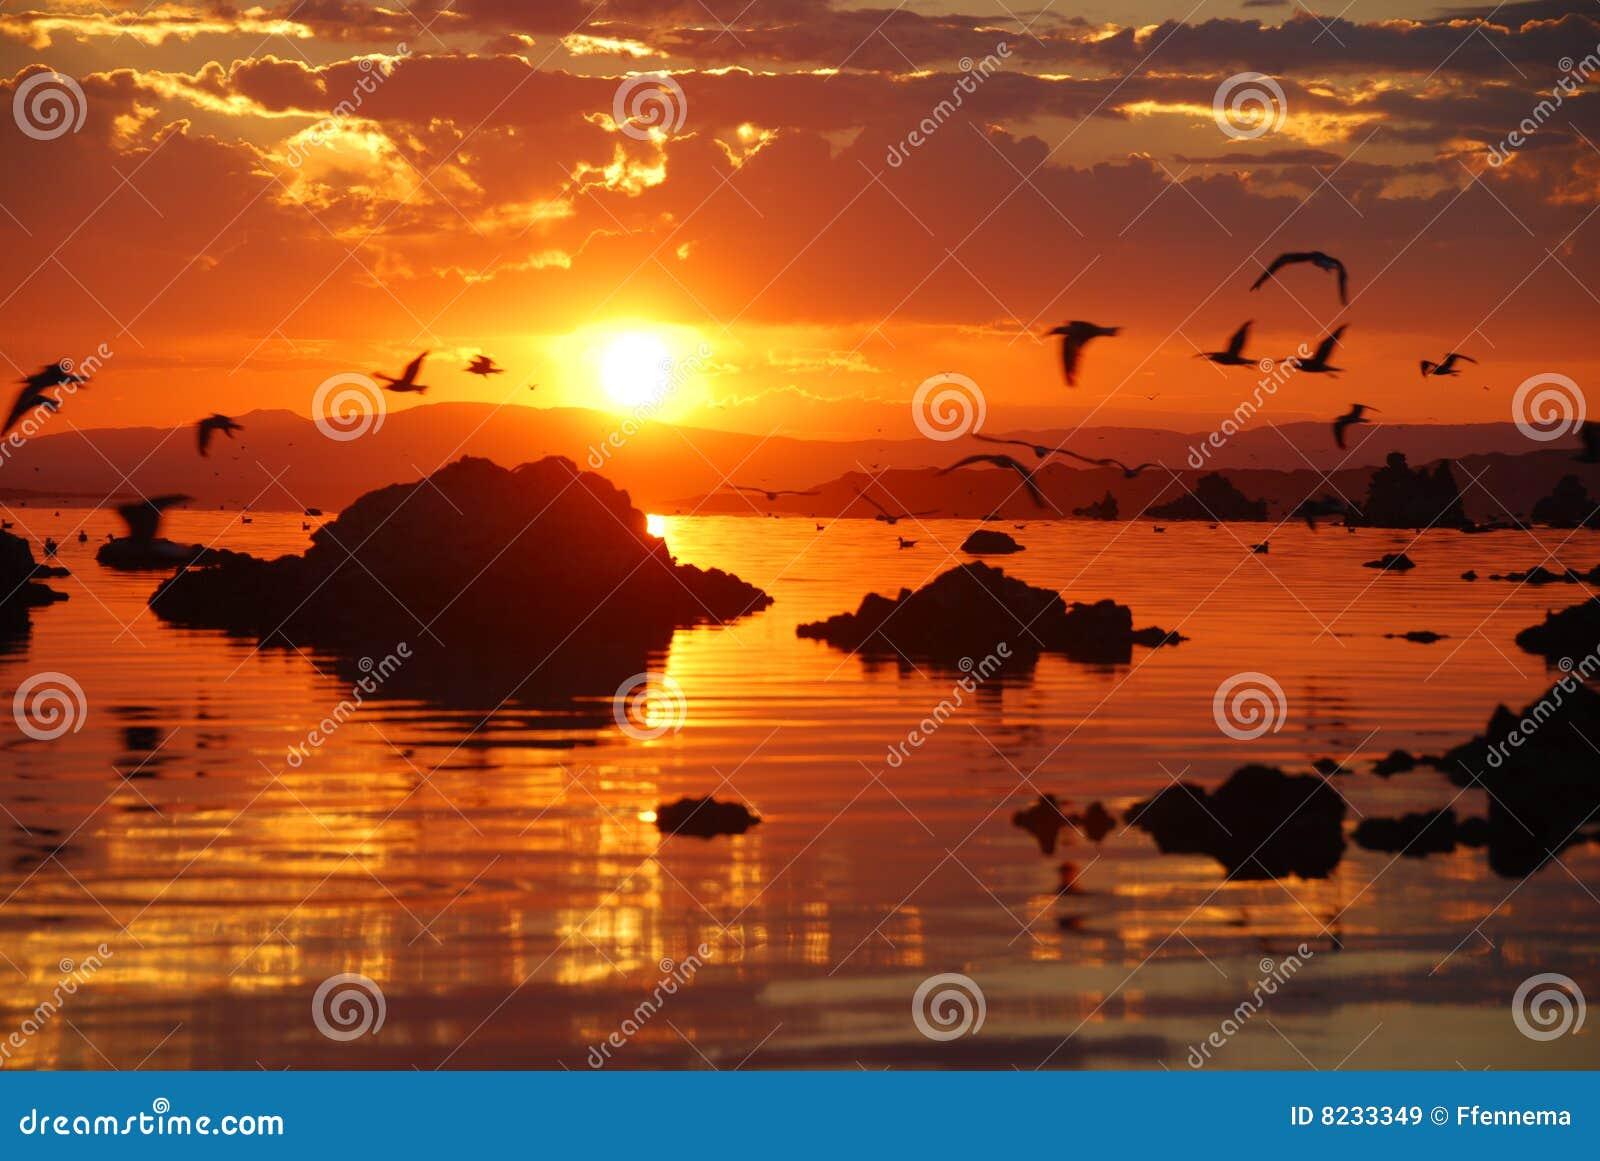 Gaviotas que vuelan sobre el mono lago durante salida del sol